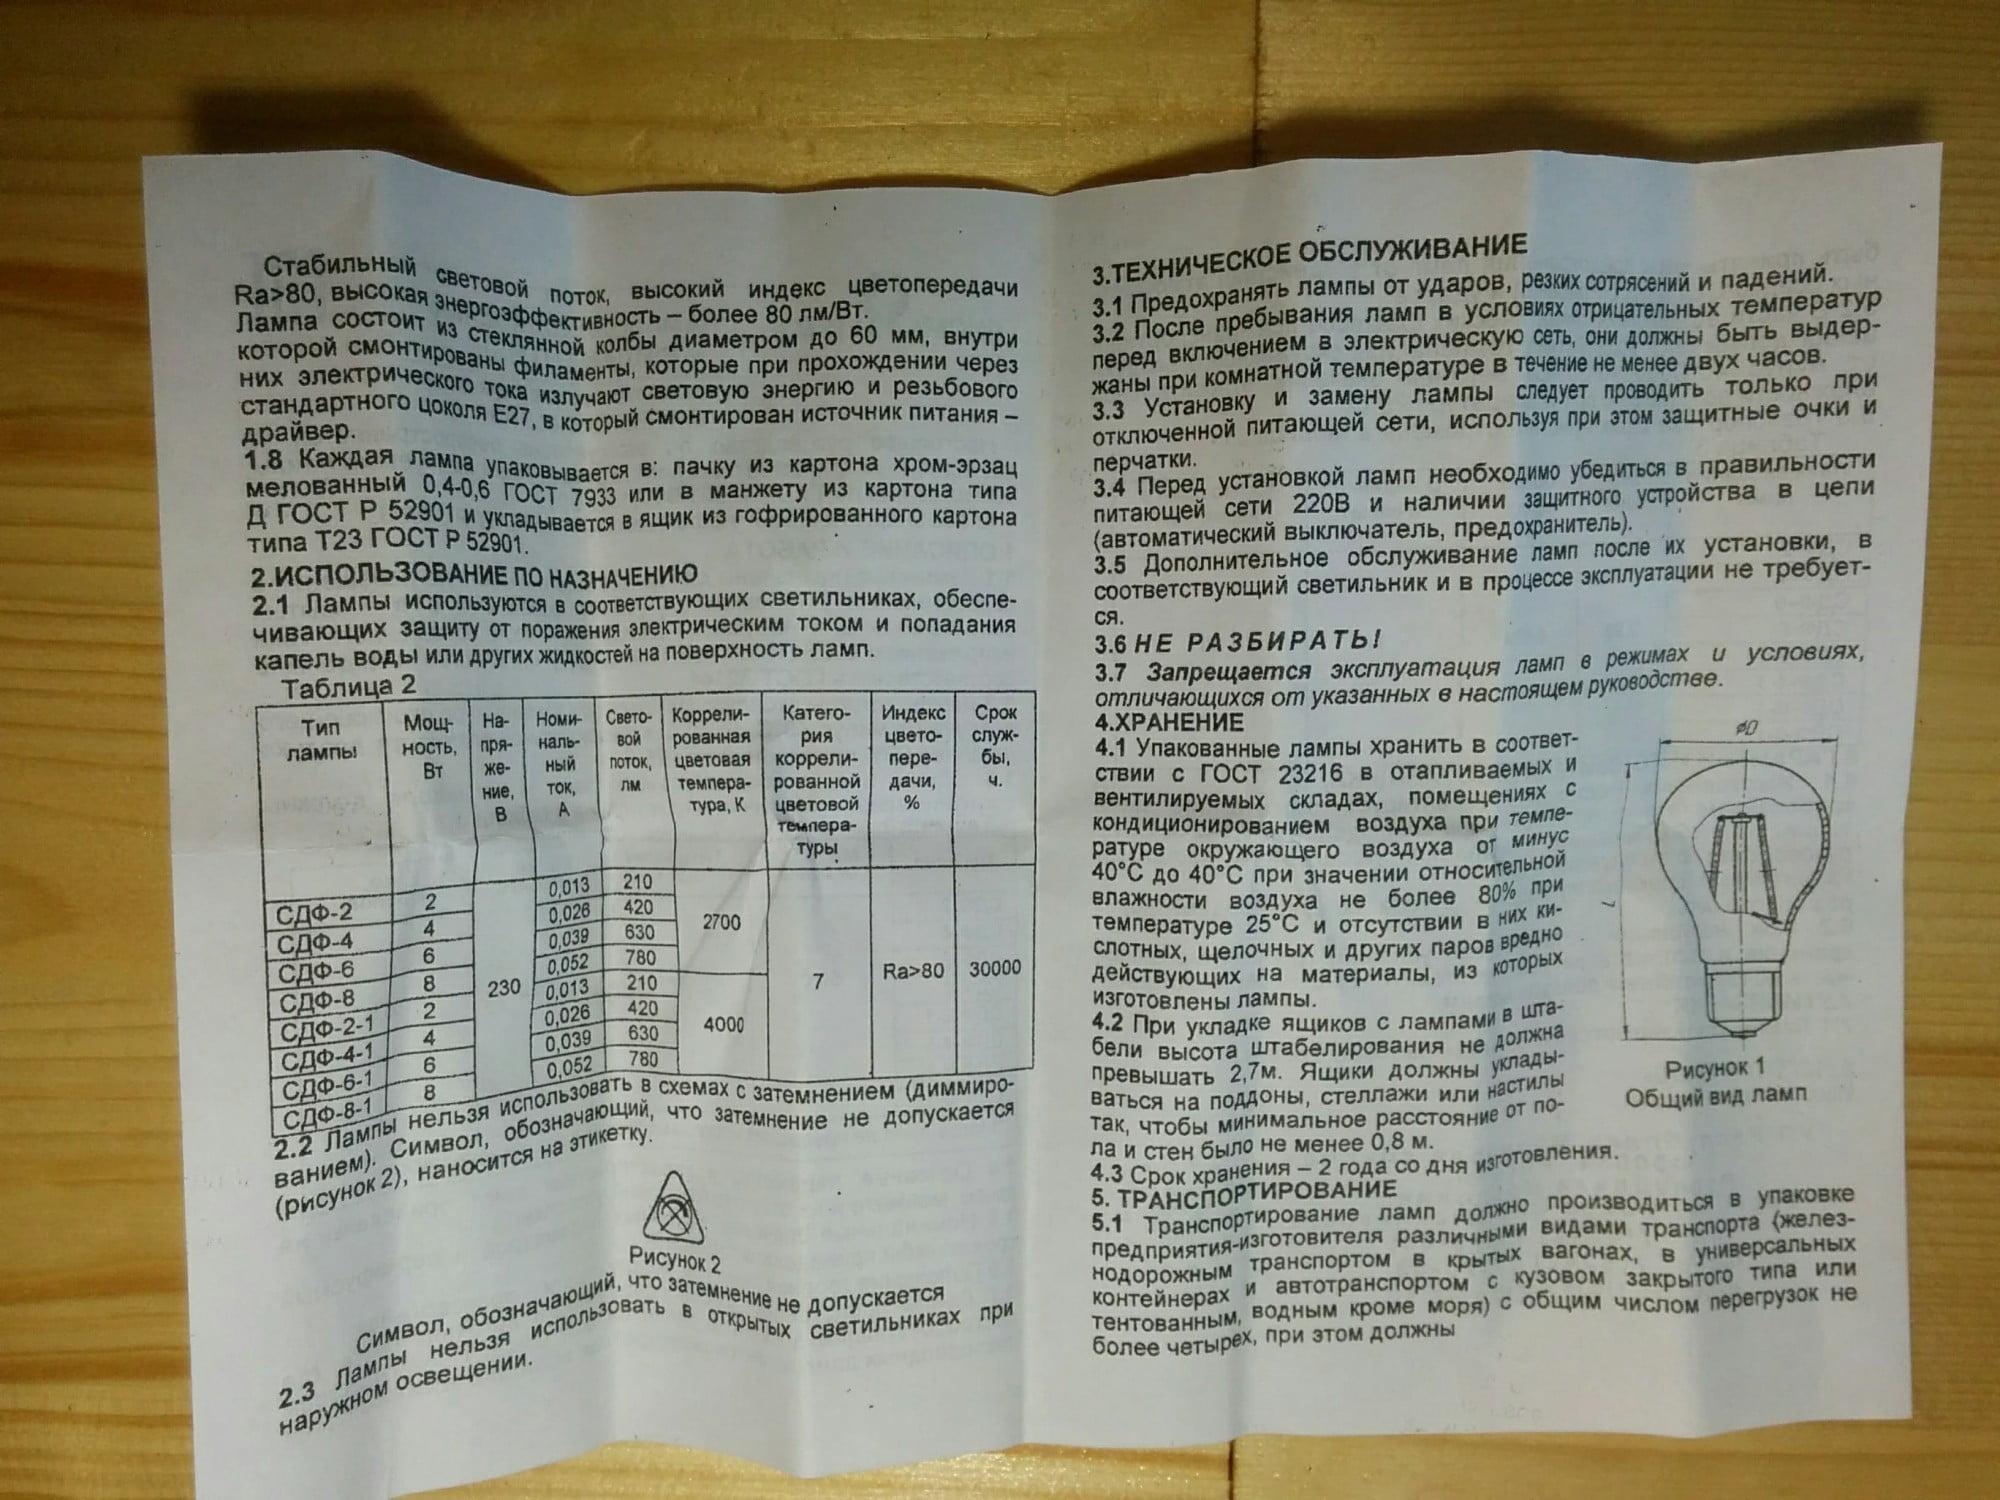 Лисма СДФ-4 инструкция